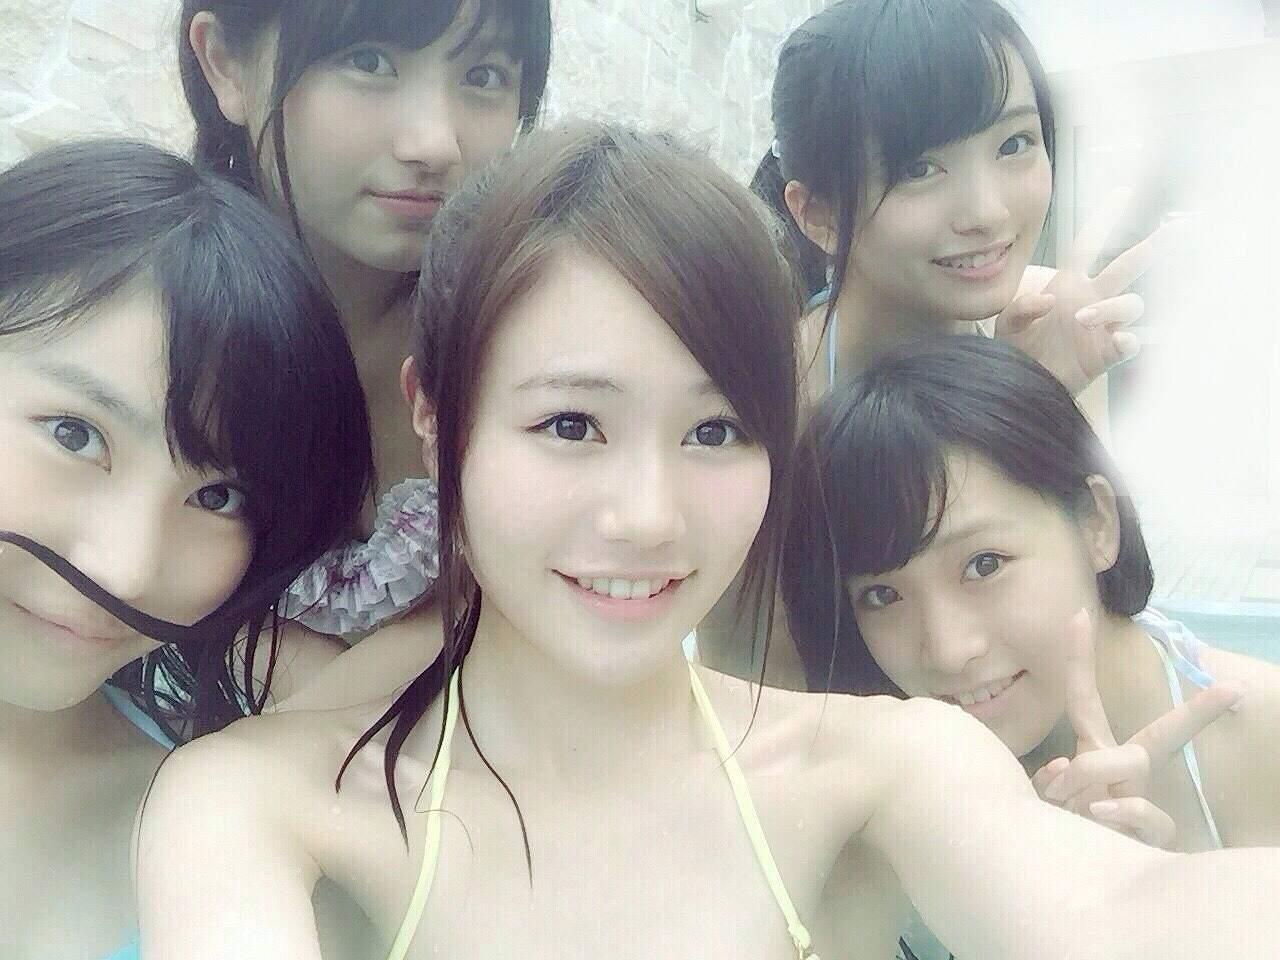 プライベートでプールに行ったAKB48若手メンバーのビキニ水着姿(大和田南那、向井地美音、福岡聖菜、込山榛香、市川愛美)